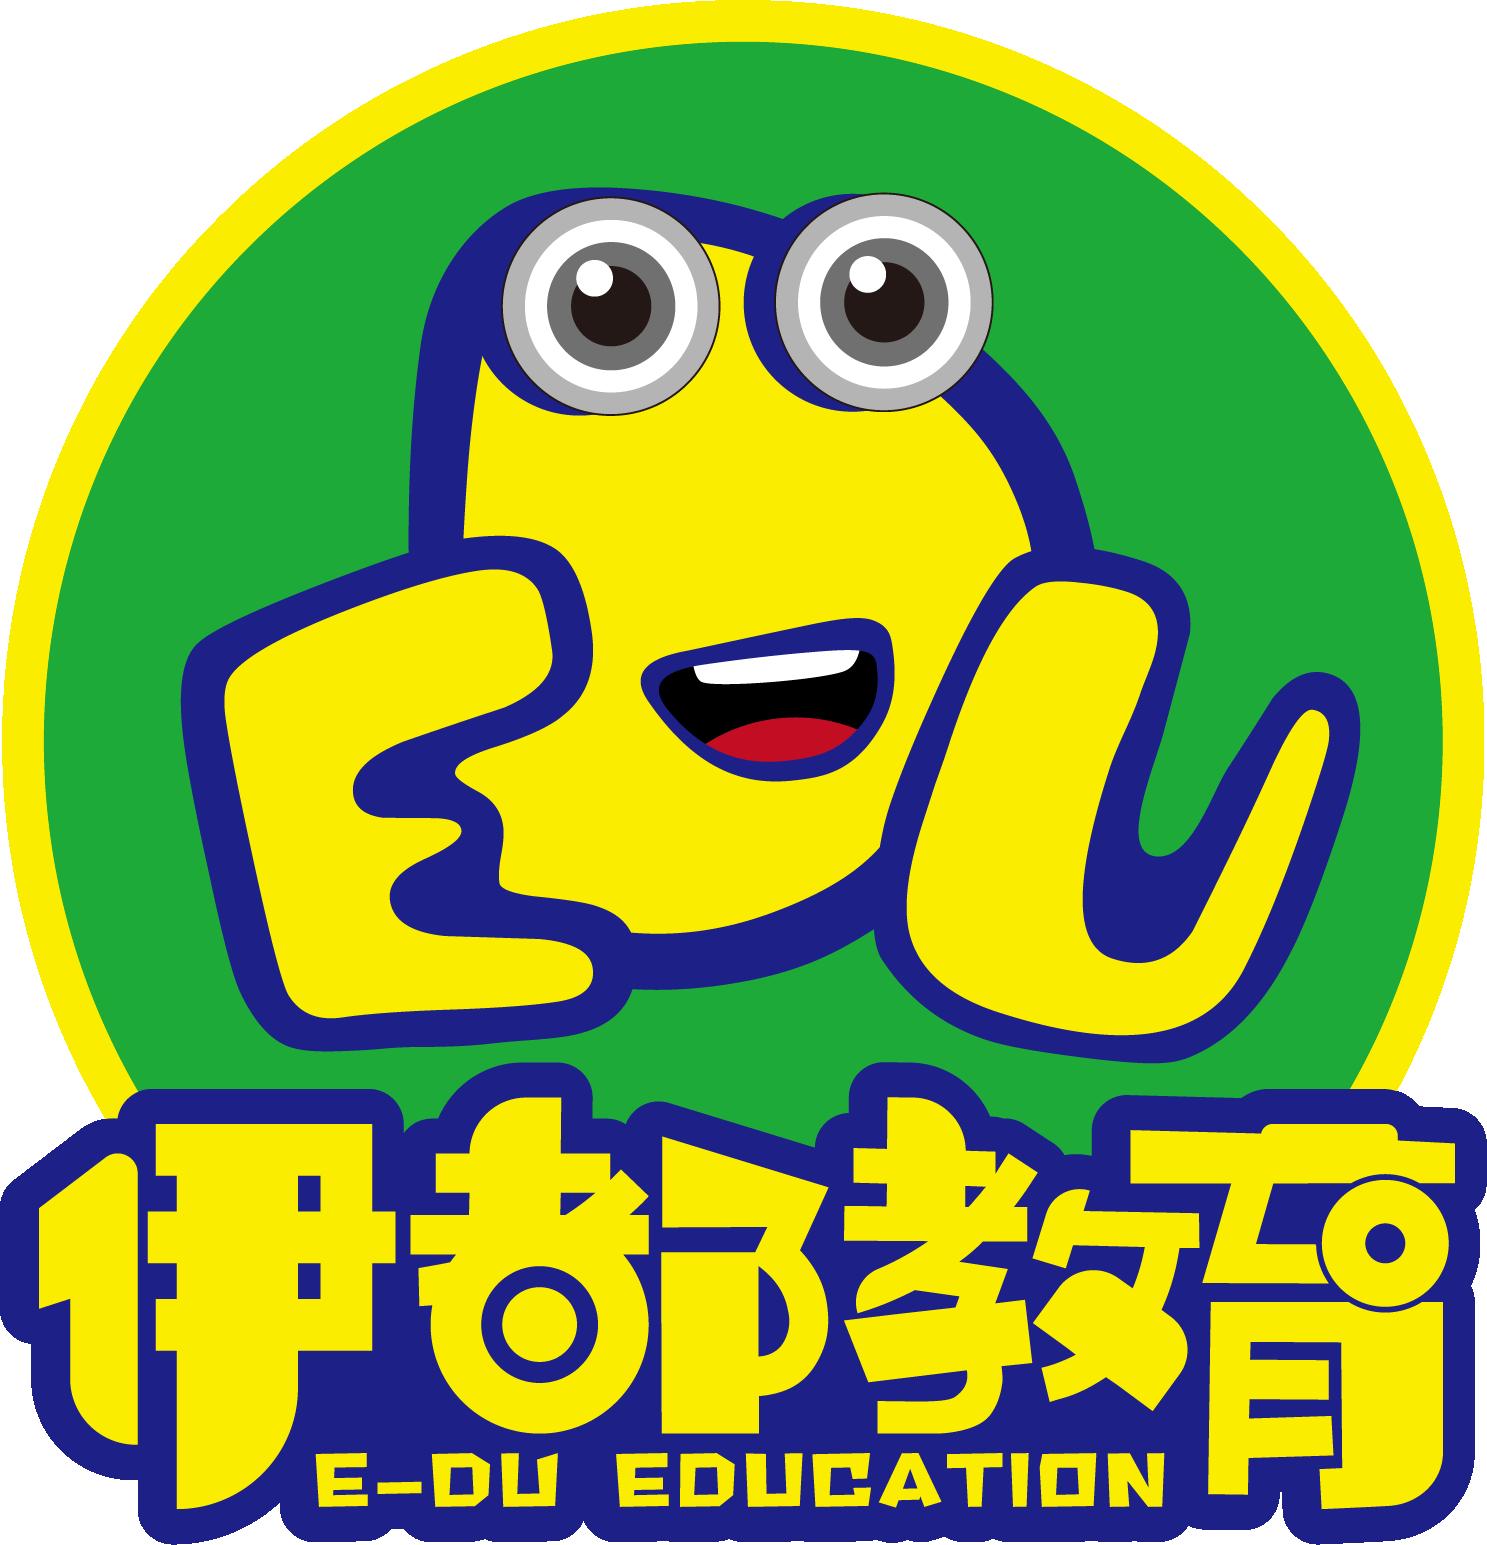 伊都教育-托育服务,早教托育加盟,全日制婴幼儿托育机构